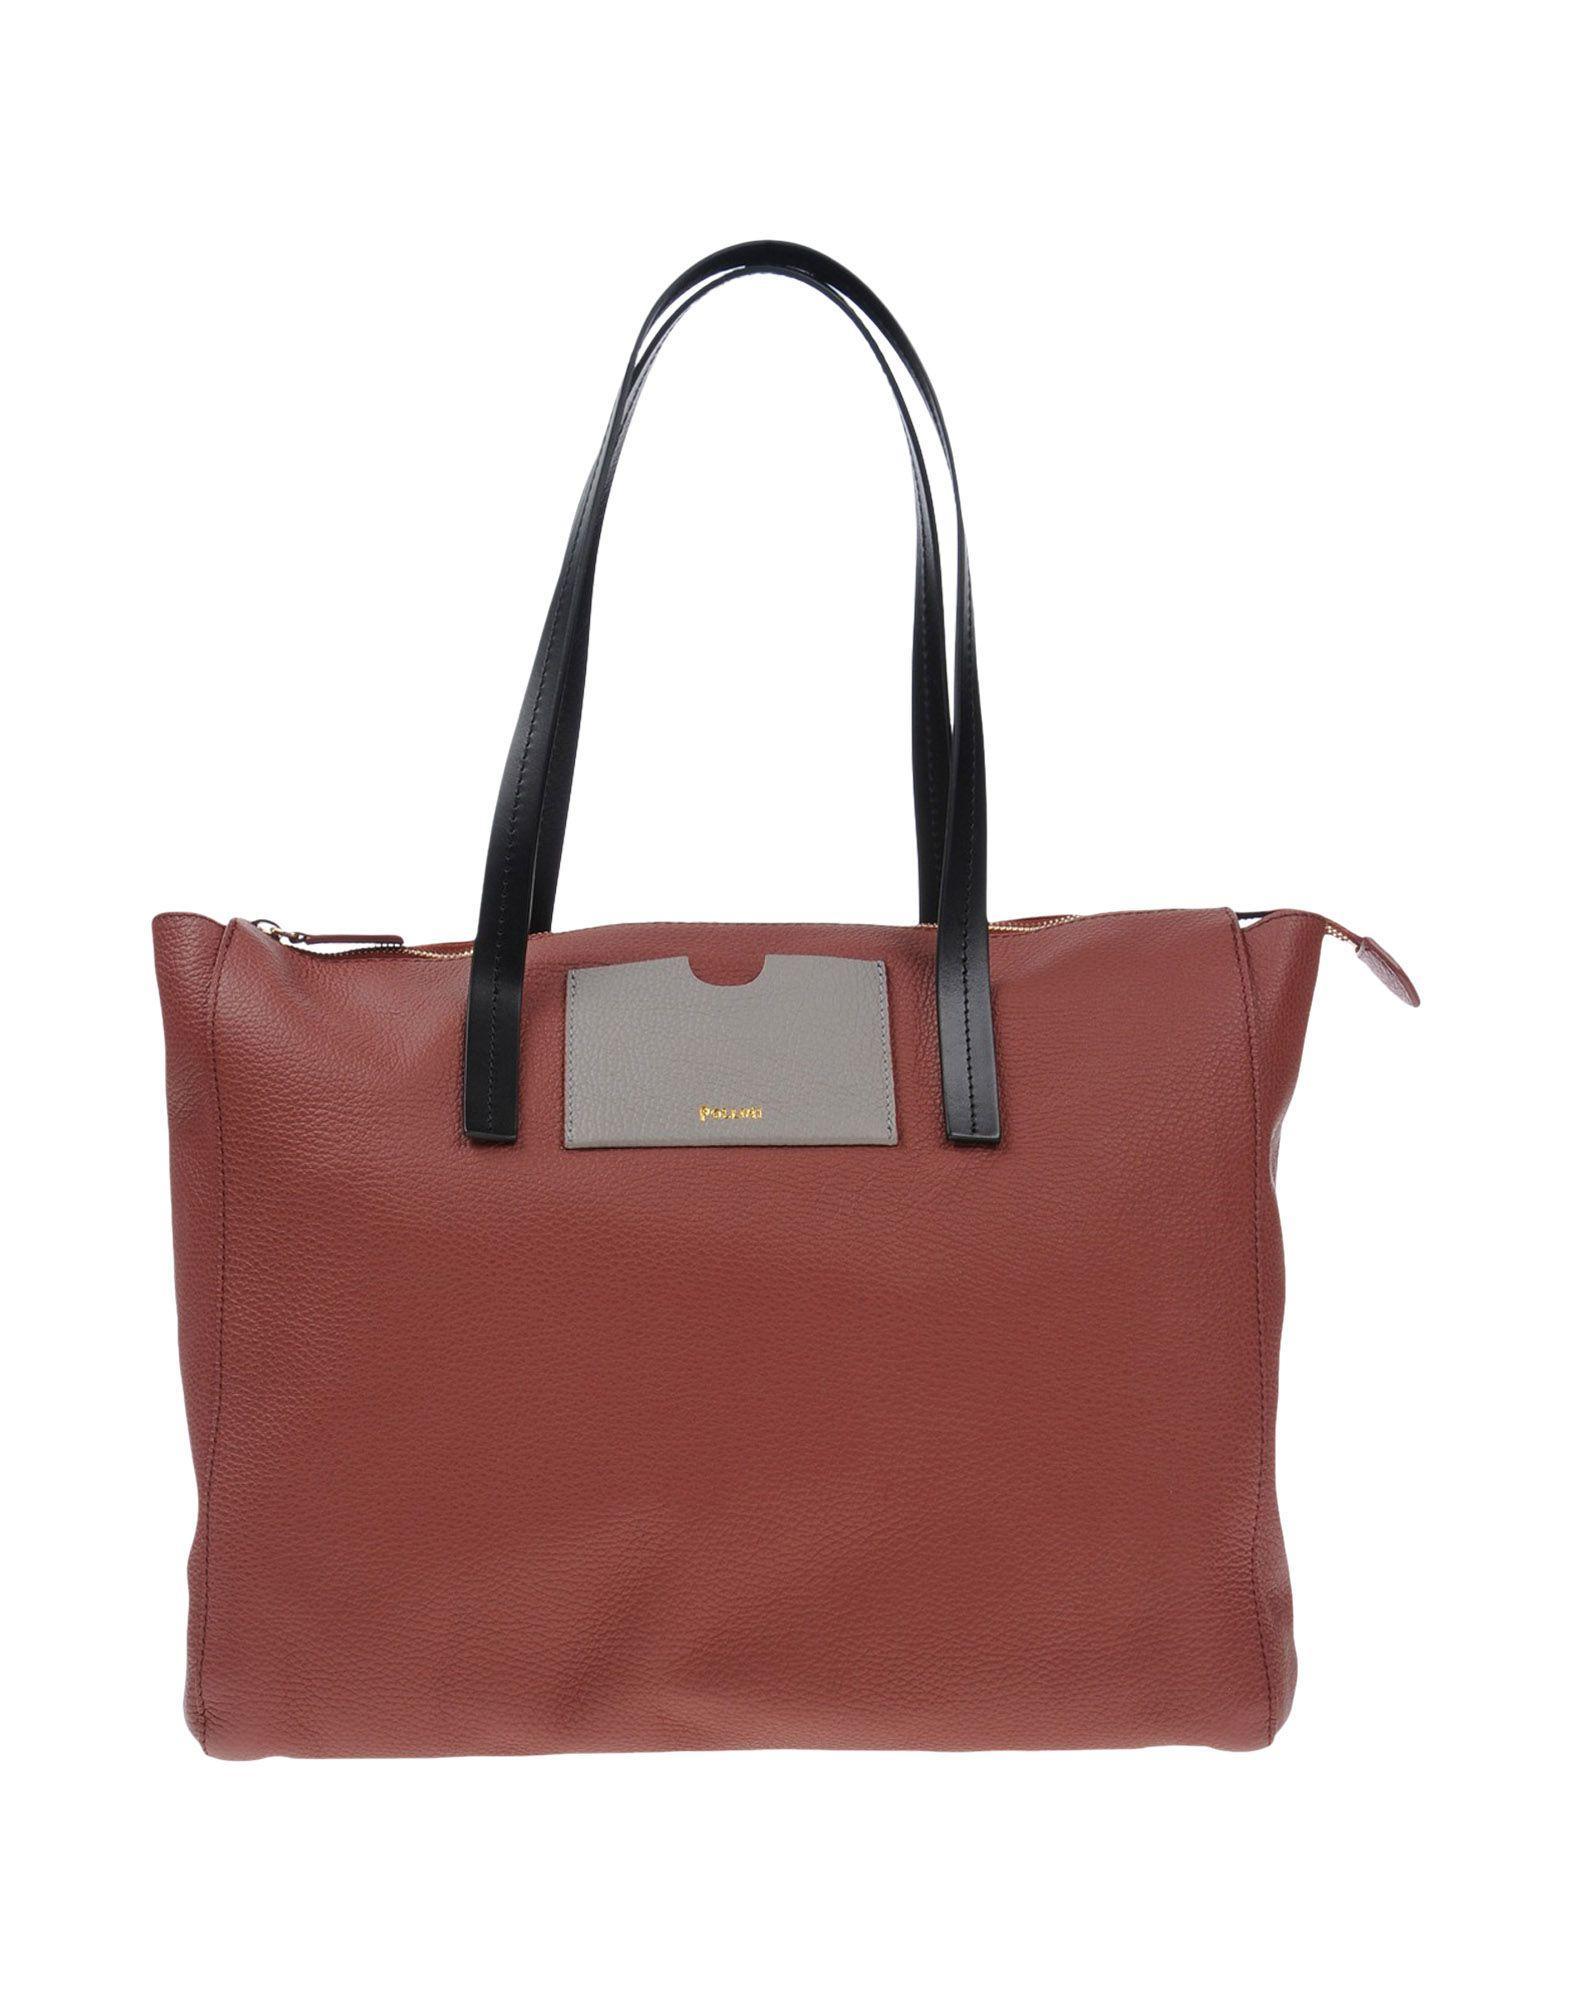 Pollini Handbag In Cocoa